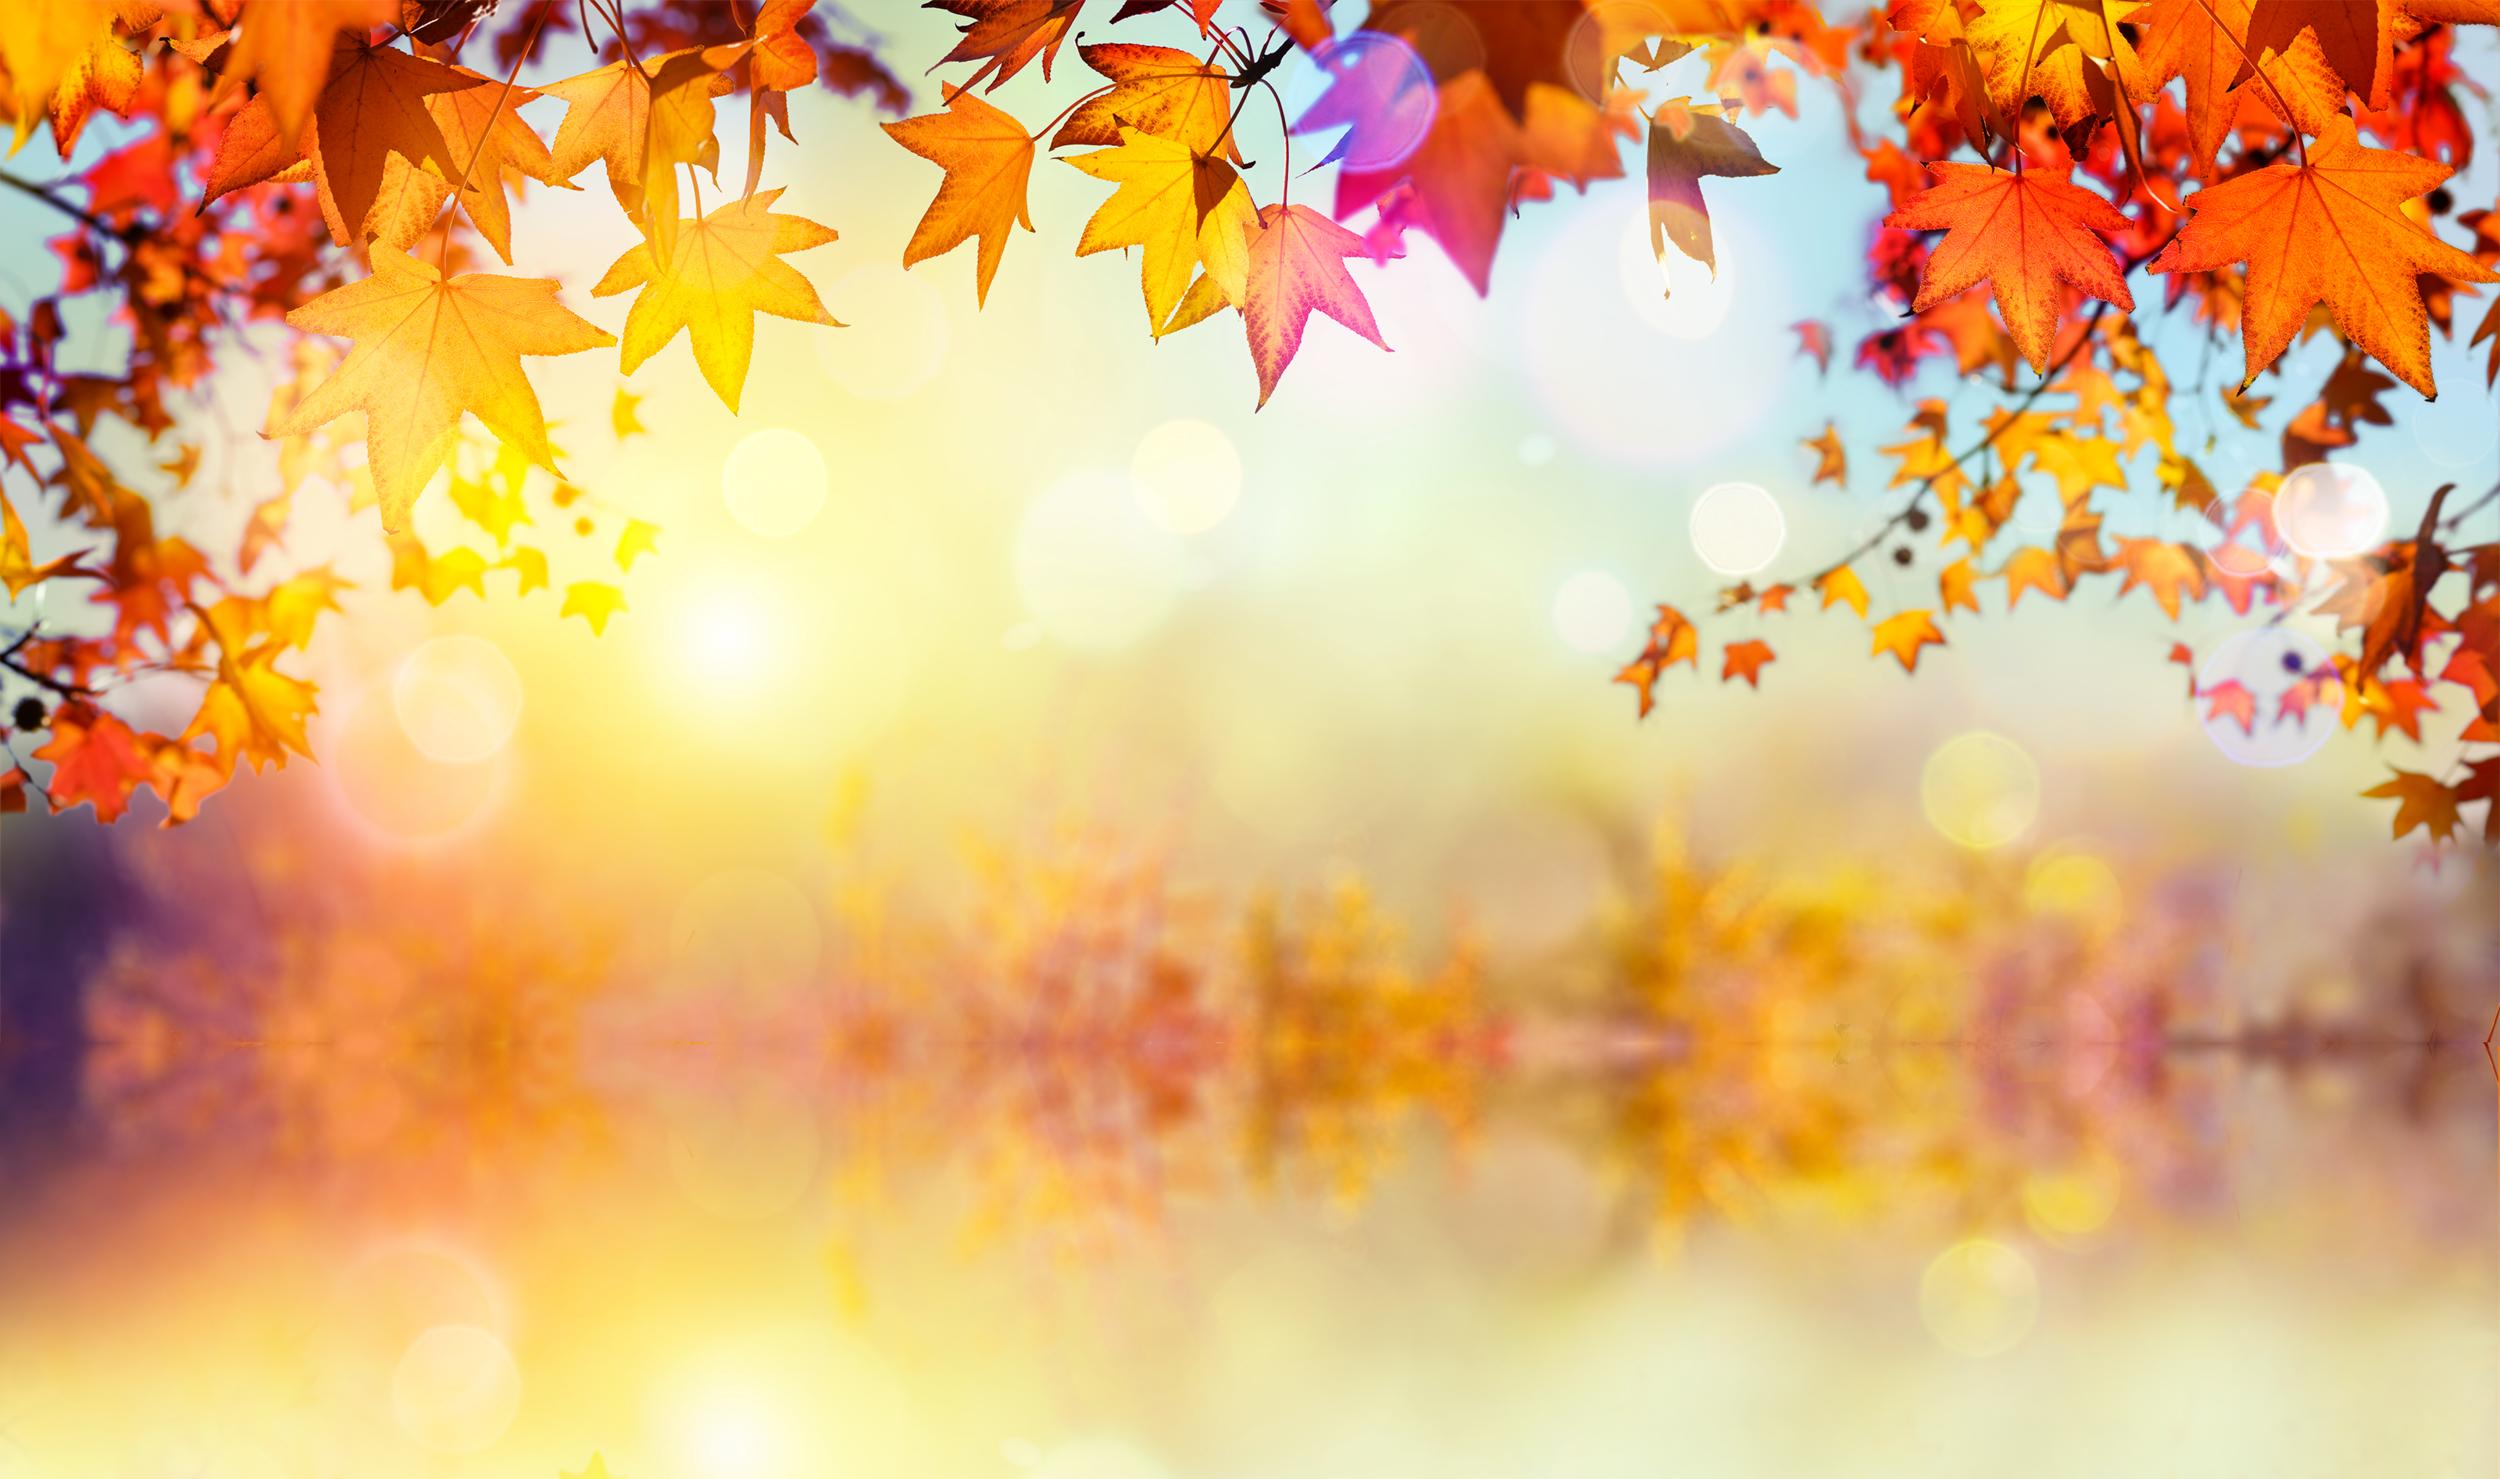 fall-at-the-lake-v2.png